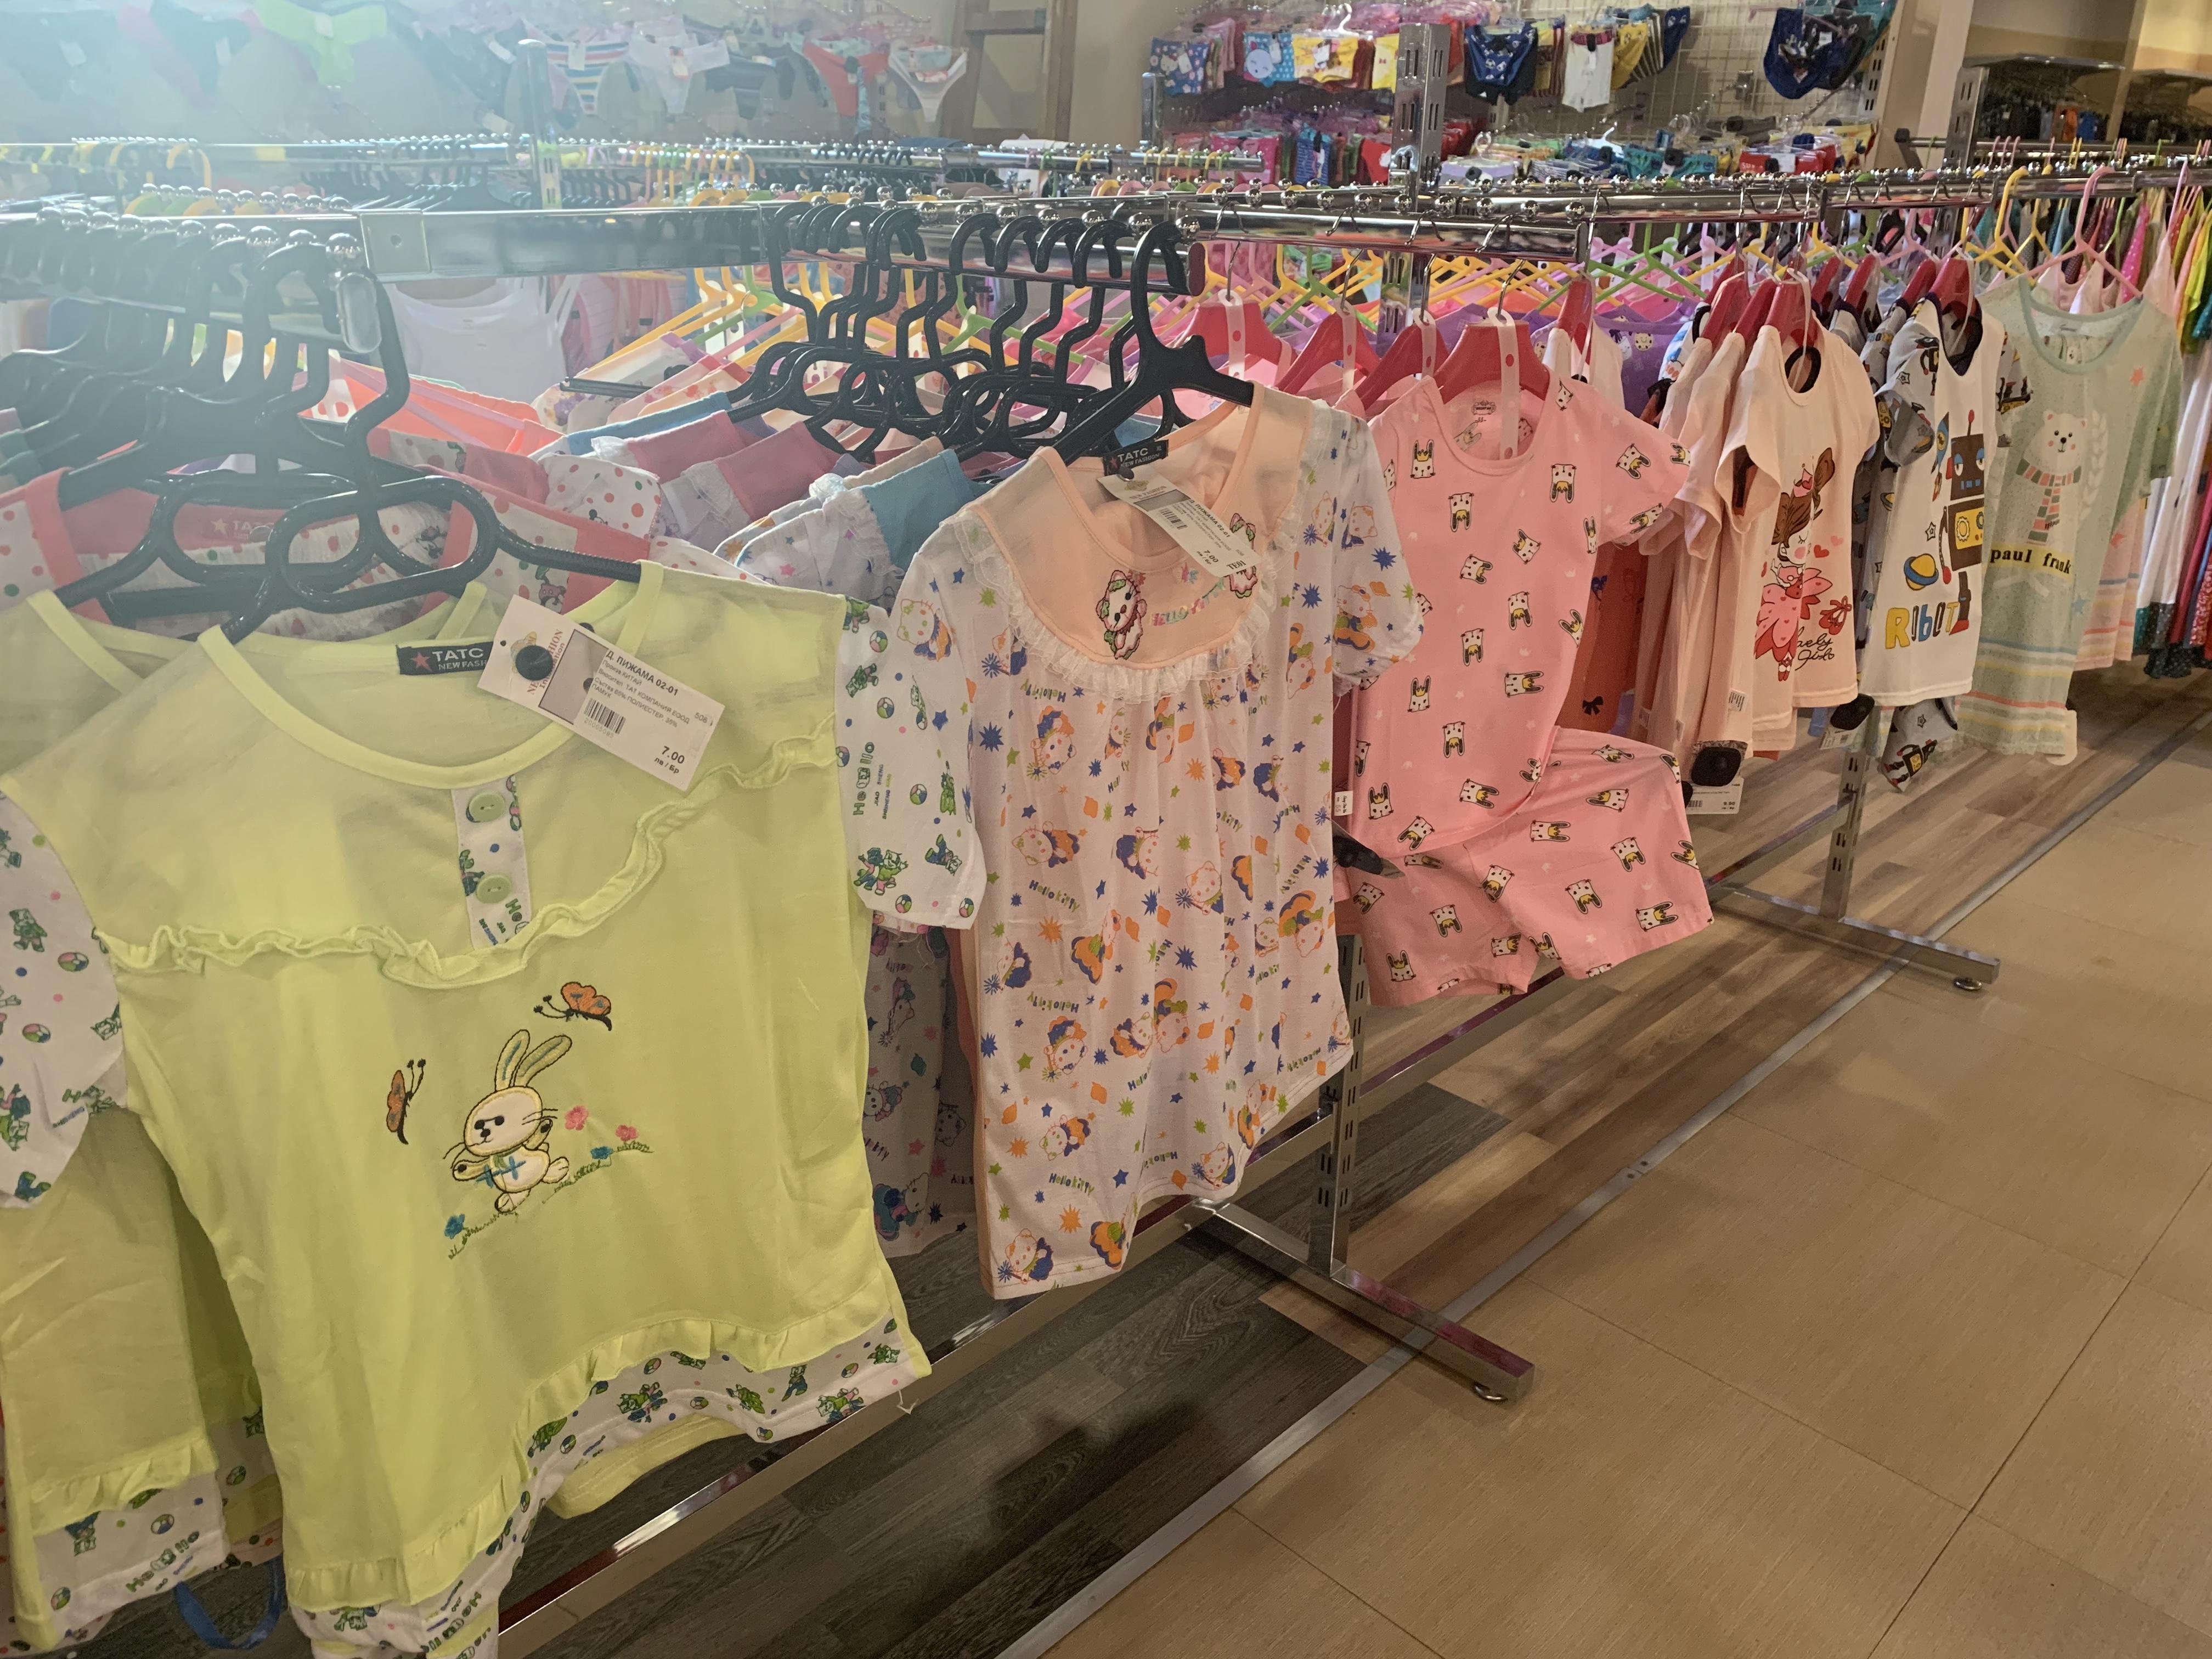 62a66db1353 Zona е вторият голям магазин за стоки внос от Китай, който отваря врати в  Бургас. Първият се на мира в Търговски център Велека. Там също ще откриете  хиляди ...